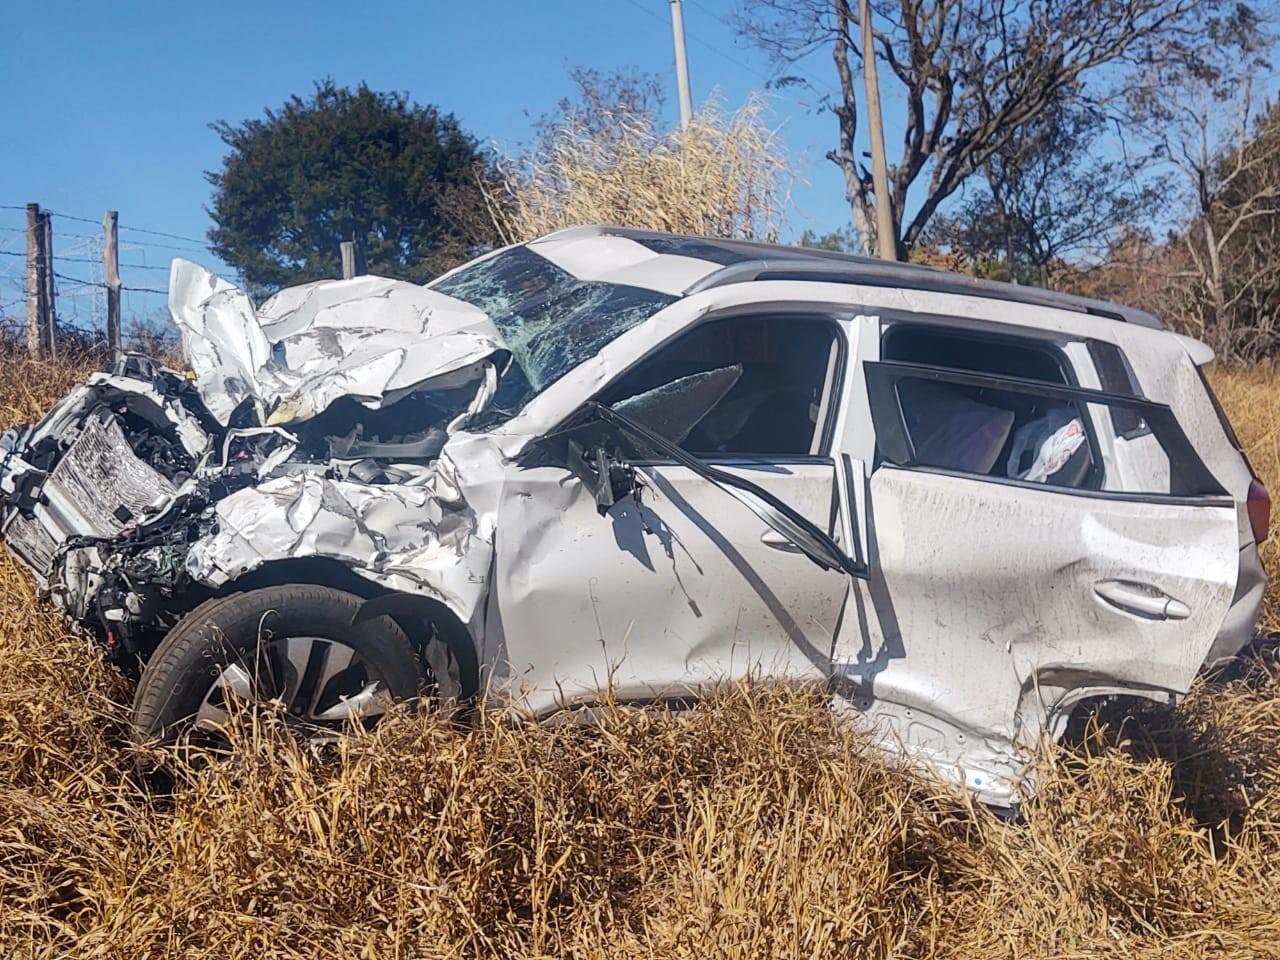 Mãe e filha feridas em acidente que matou 3 têm alta médica do HU em São Carlos